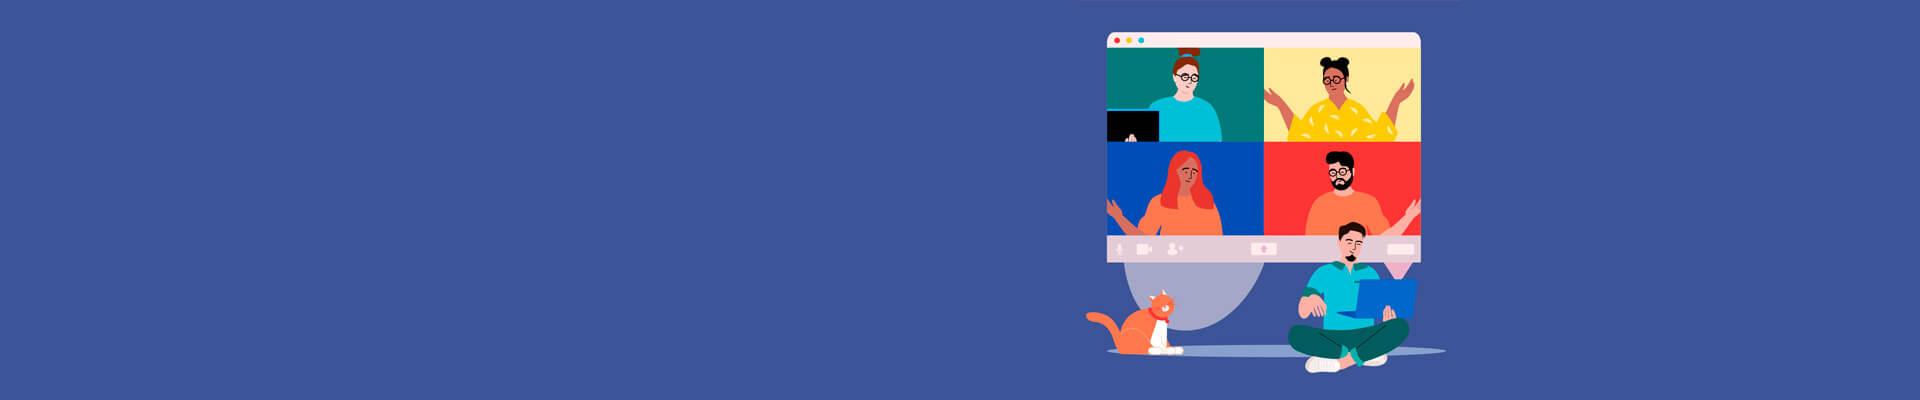 Ilustração de pessoas em uma tela de computador participando de uma reunião online